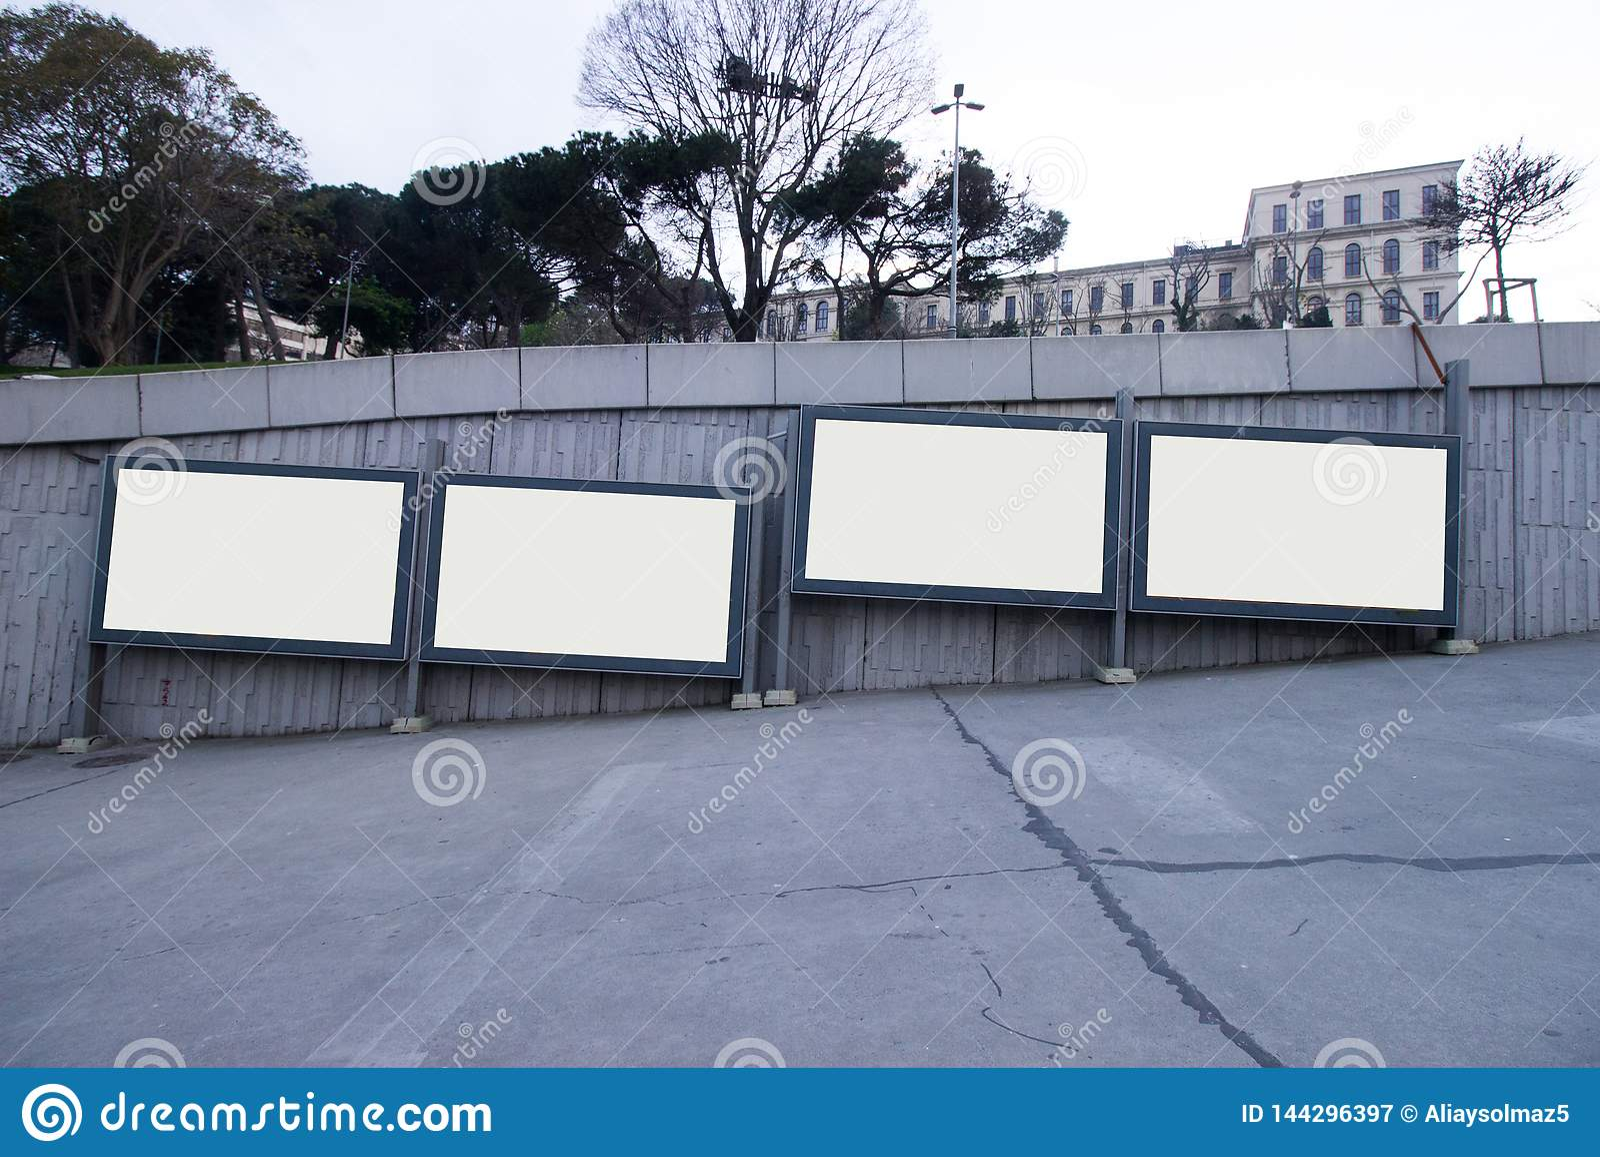 Афиши пробела Стамбула выравнивая время - афишу для рекламы - на открытом воздухе афиша